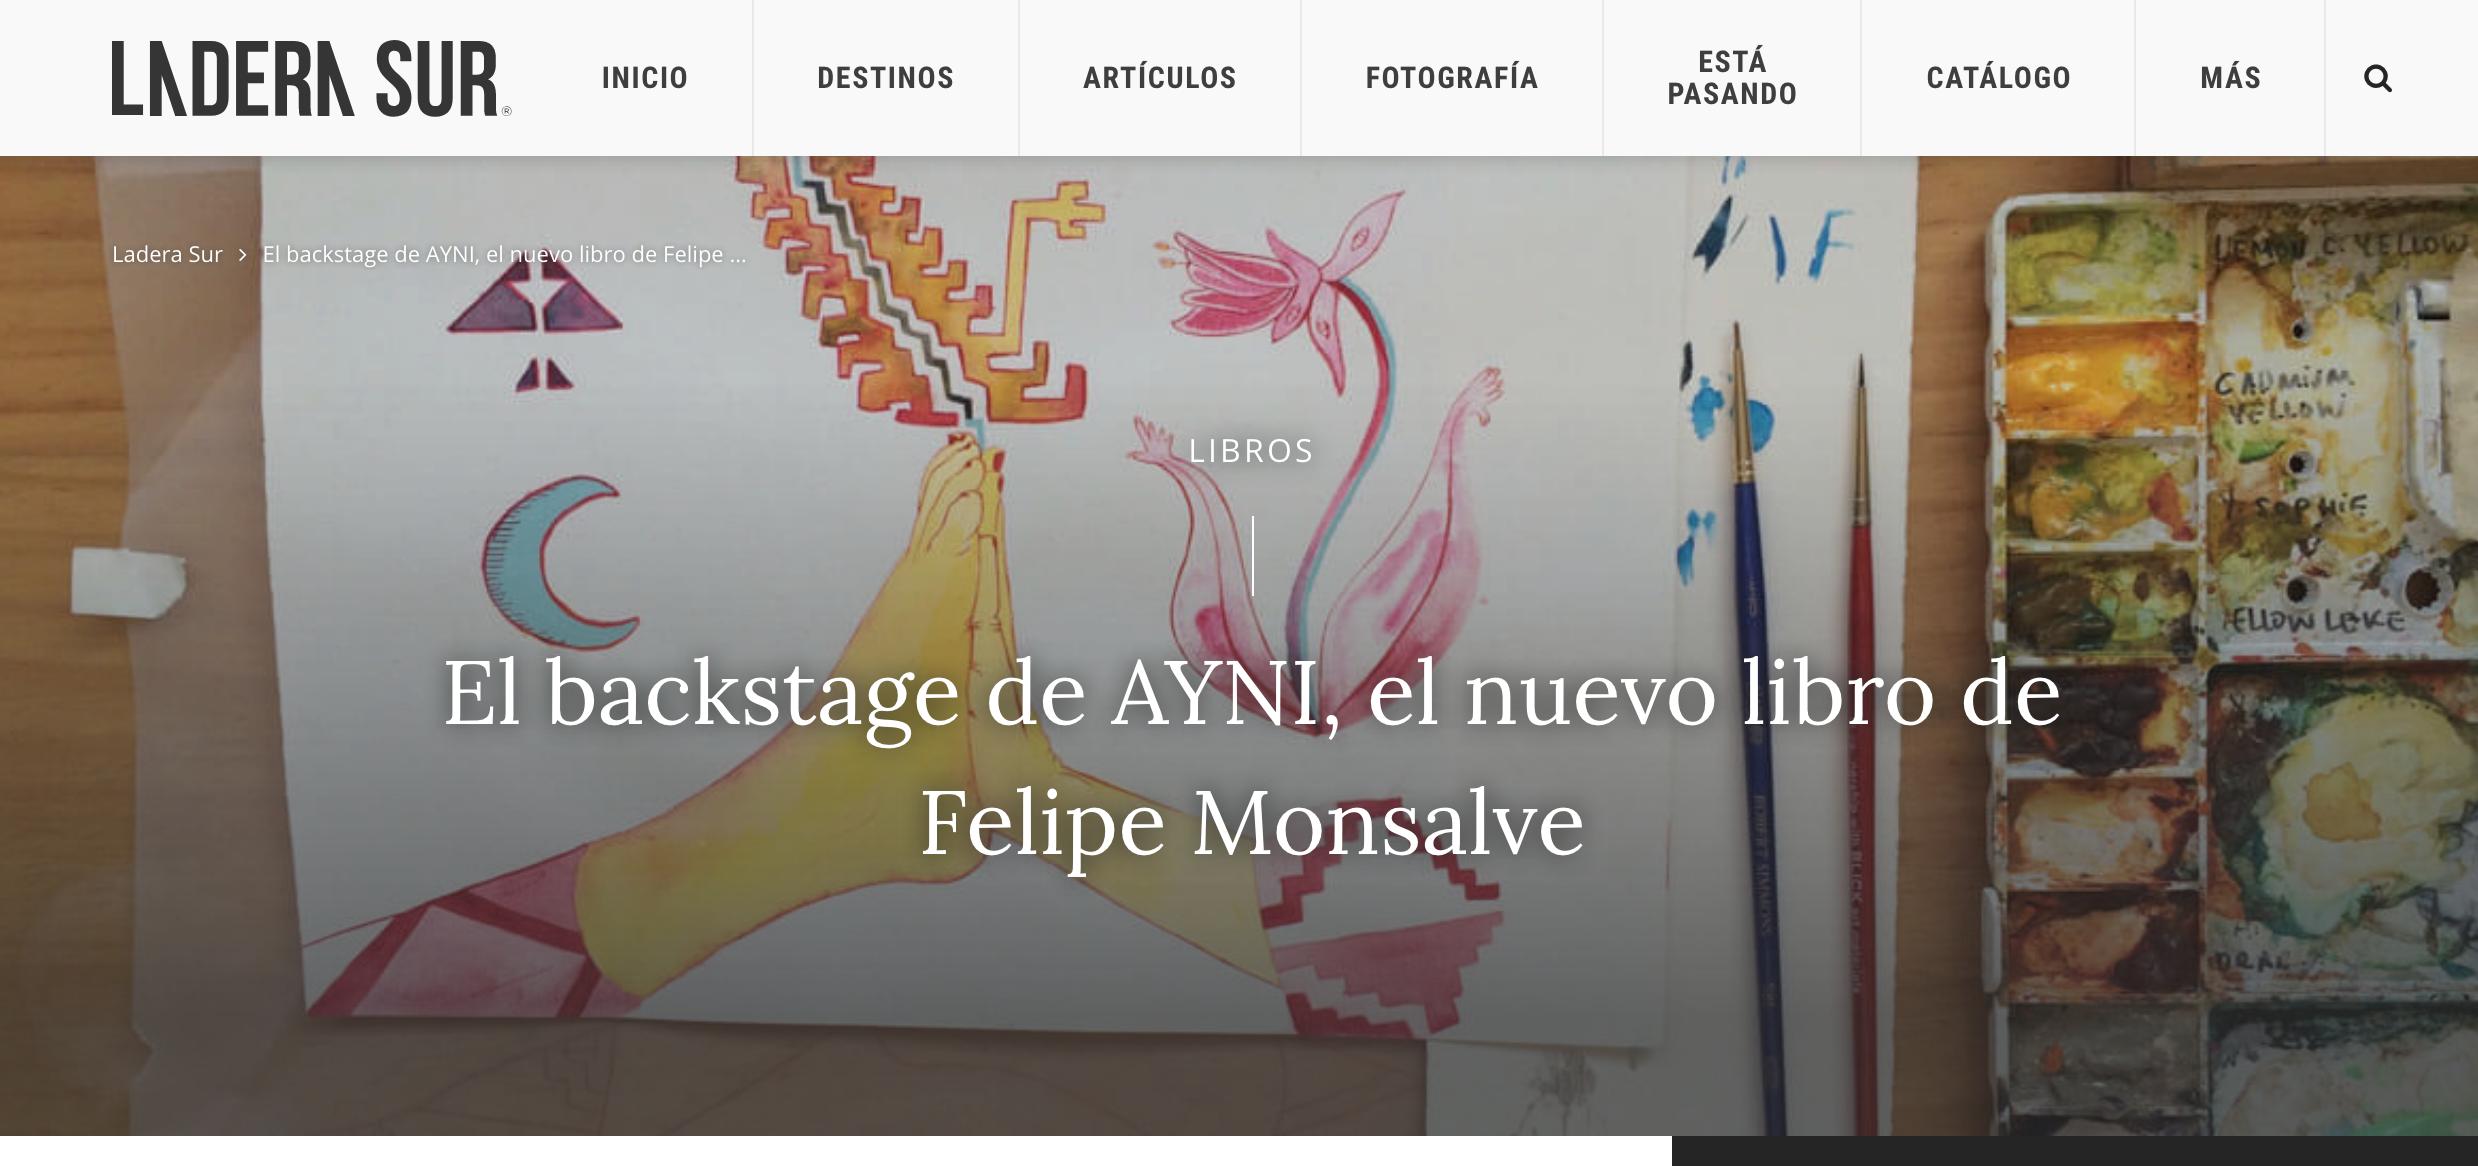 Entrevista a Felipe Monsalve